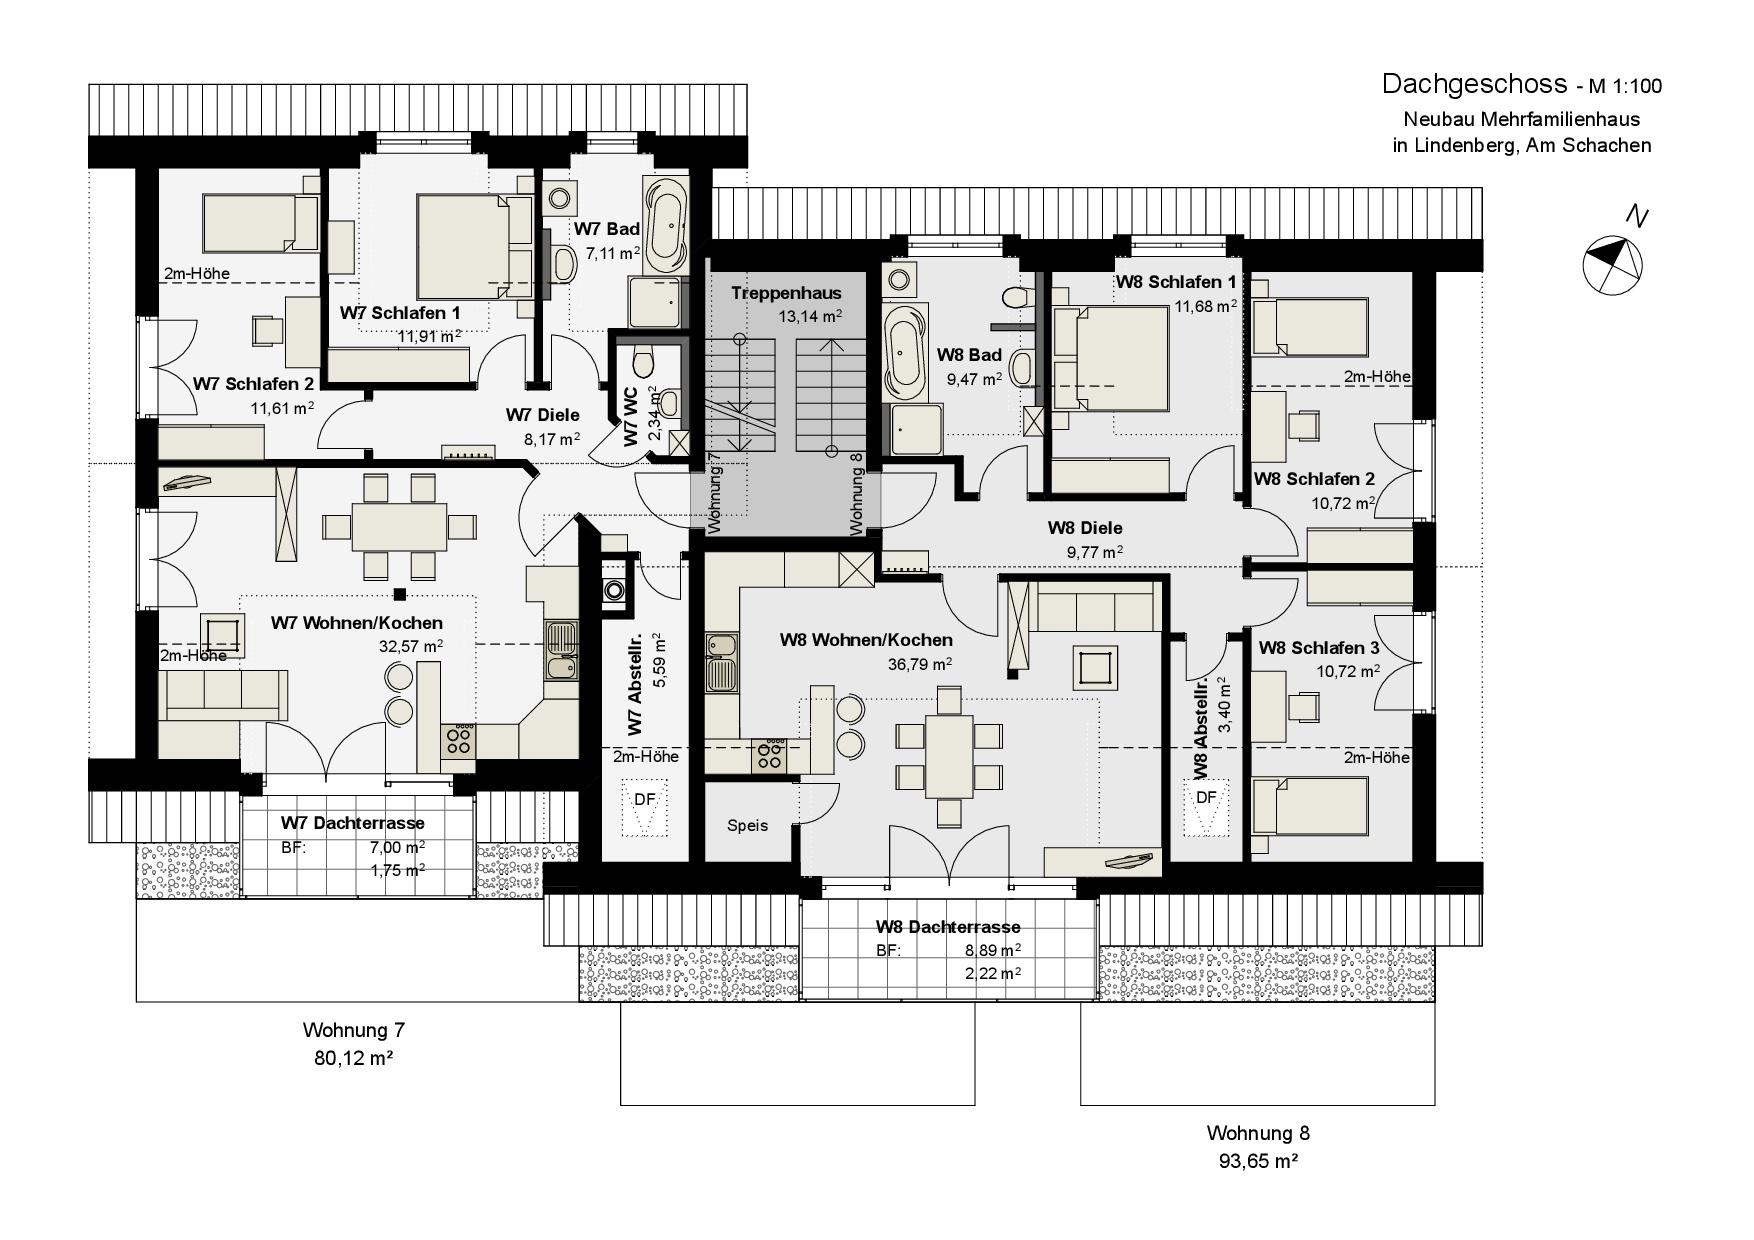 Grundriss, Dachgeschoss, Mehrfamilienhaus in Lindenberg